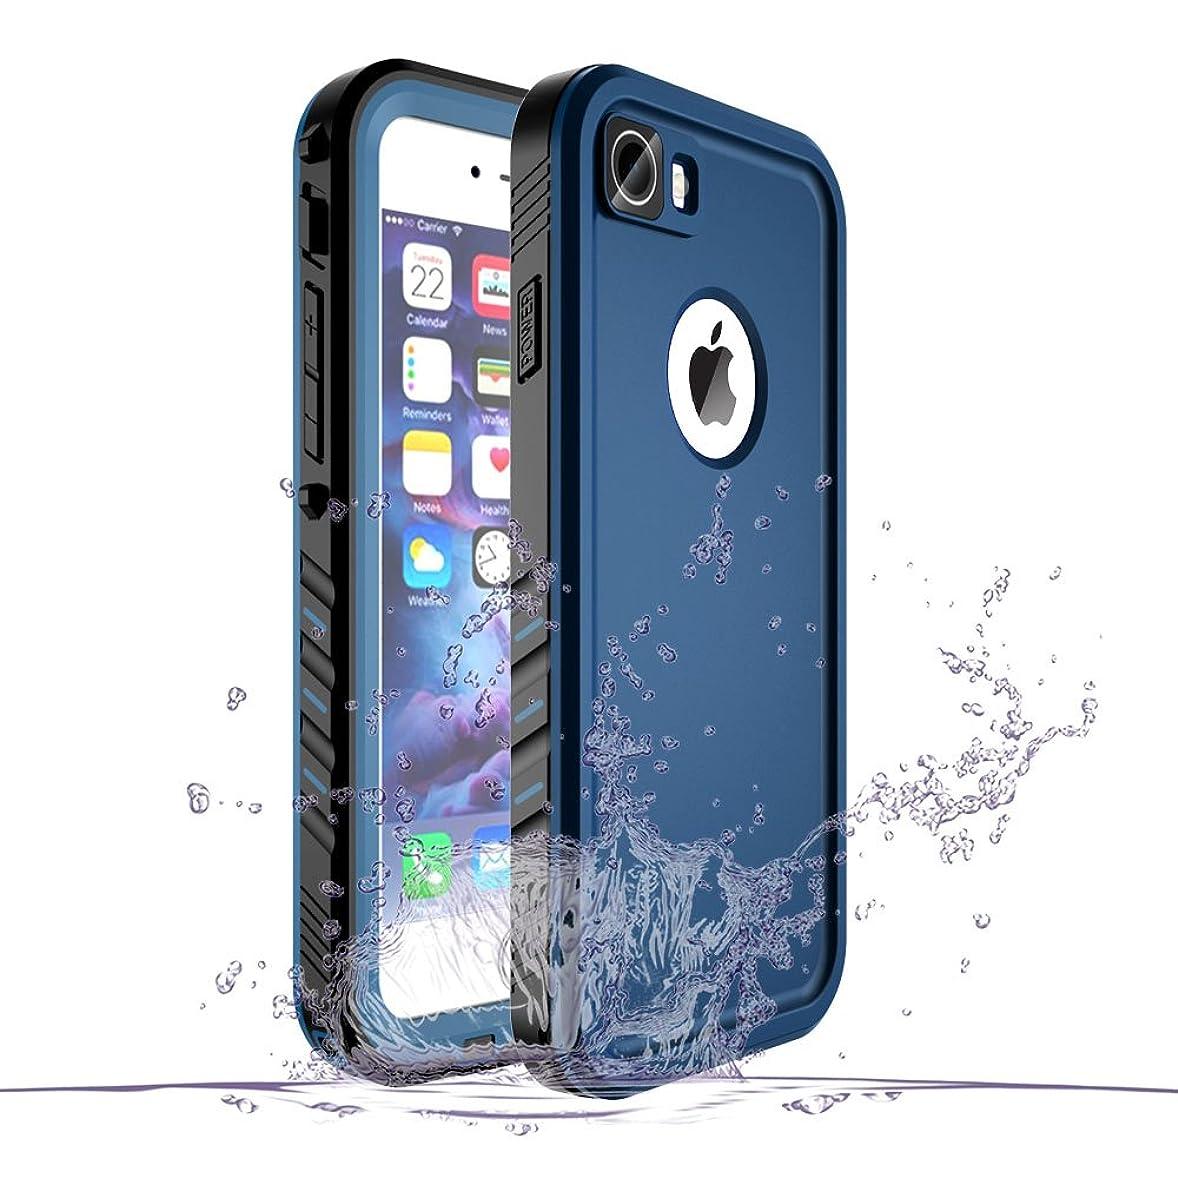 緑エール解決するSPORTLINK iPhone7 / iPhone8 防水ケース アイフォン7/8 対応 IP68規格 完全防水 耐衝撃 防塵 防雪 保護ケース 指紋認証対応 軽量 無線充電サポート 水泳 お風呂 防水ケース (ブルー)